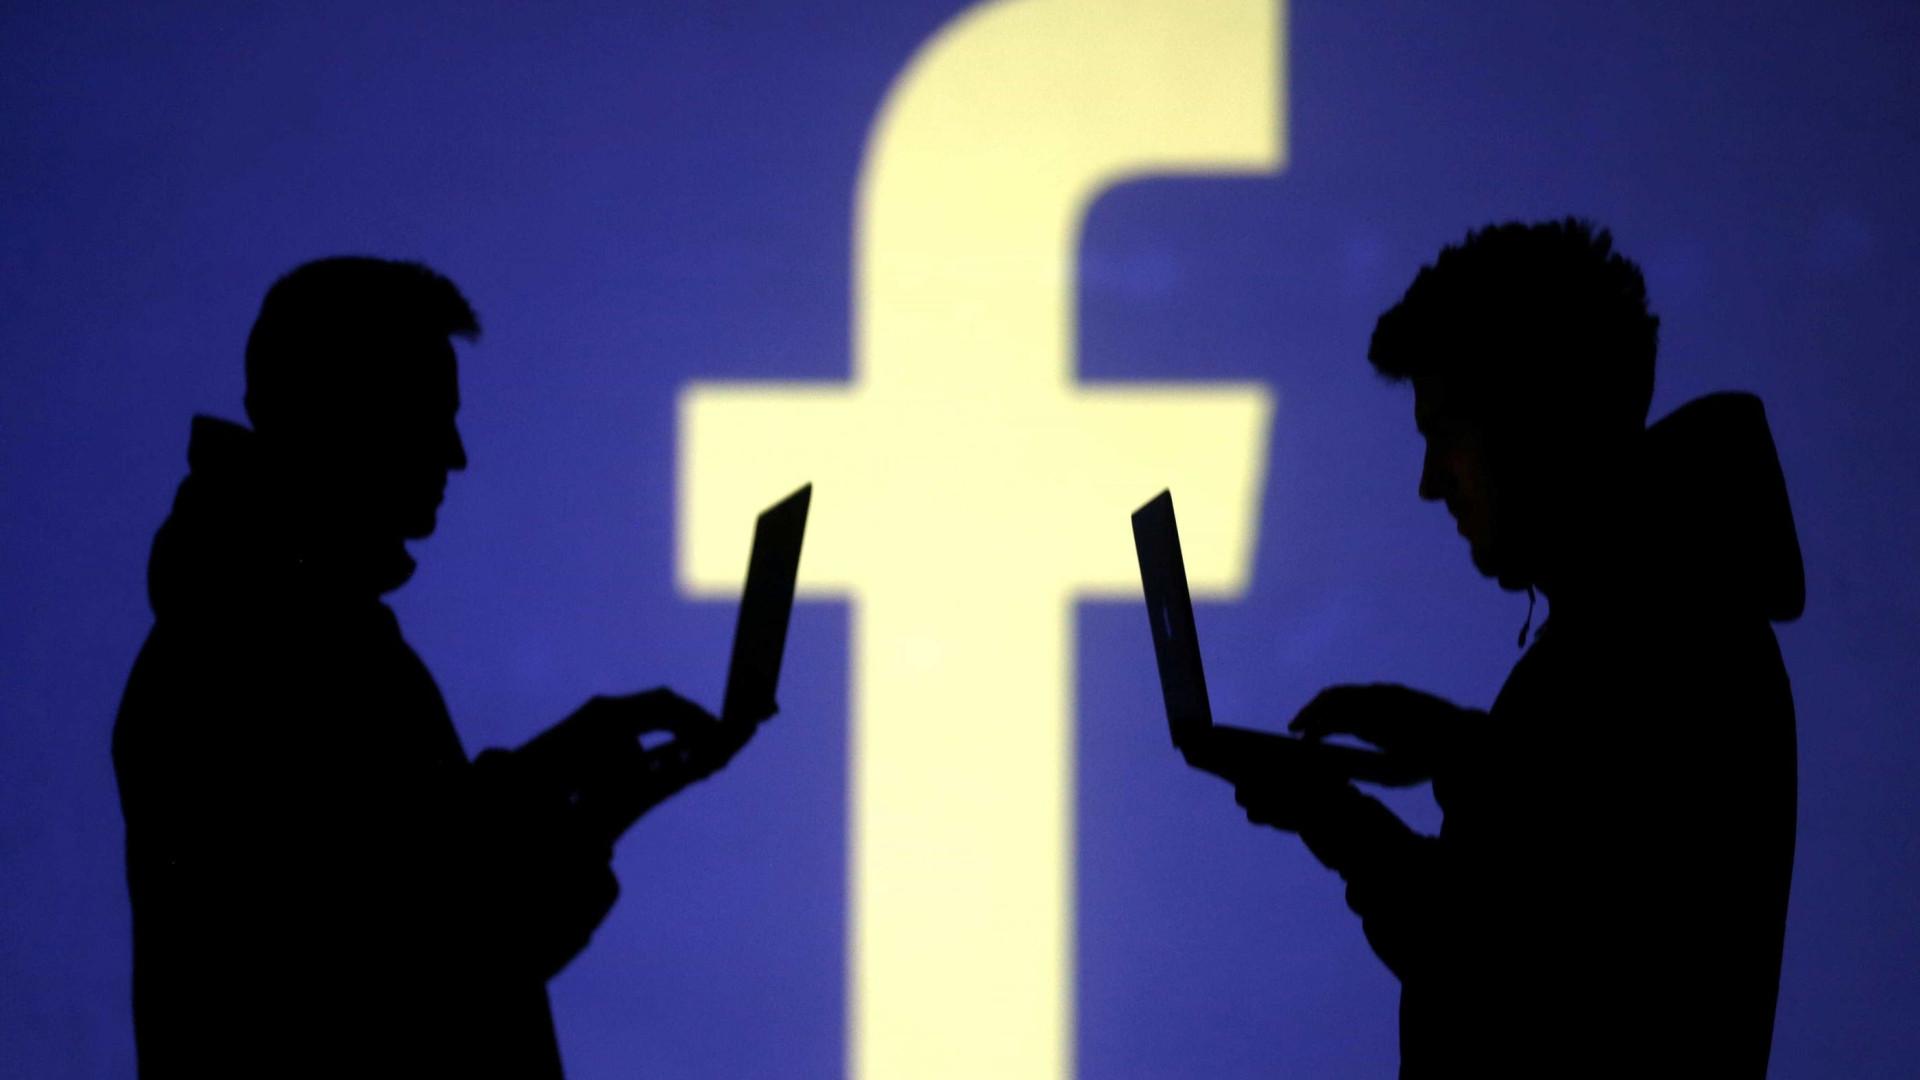 Facebook: Teste de personalidade revela dados de 3 milhões de pessoas